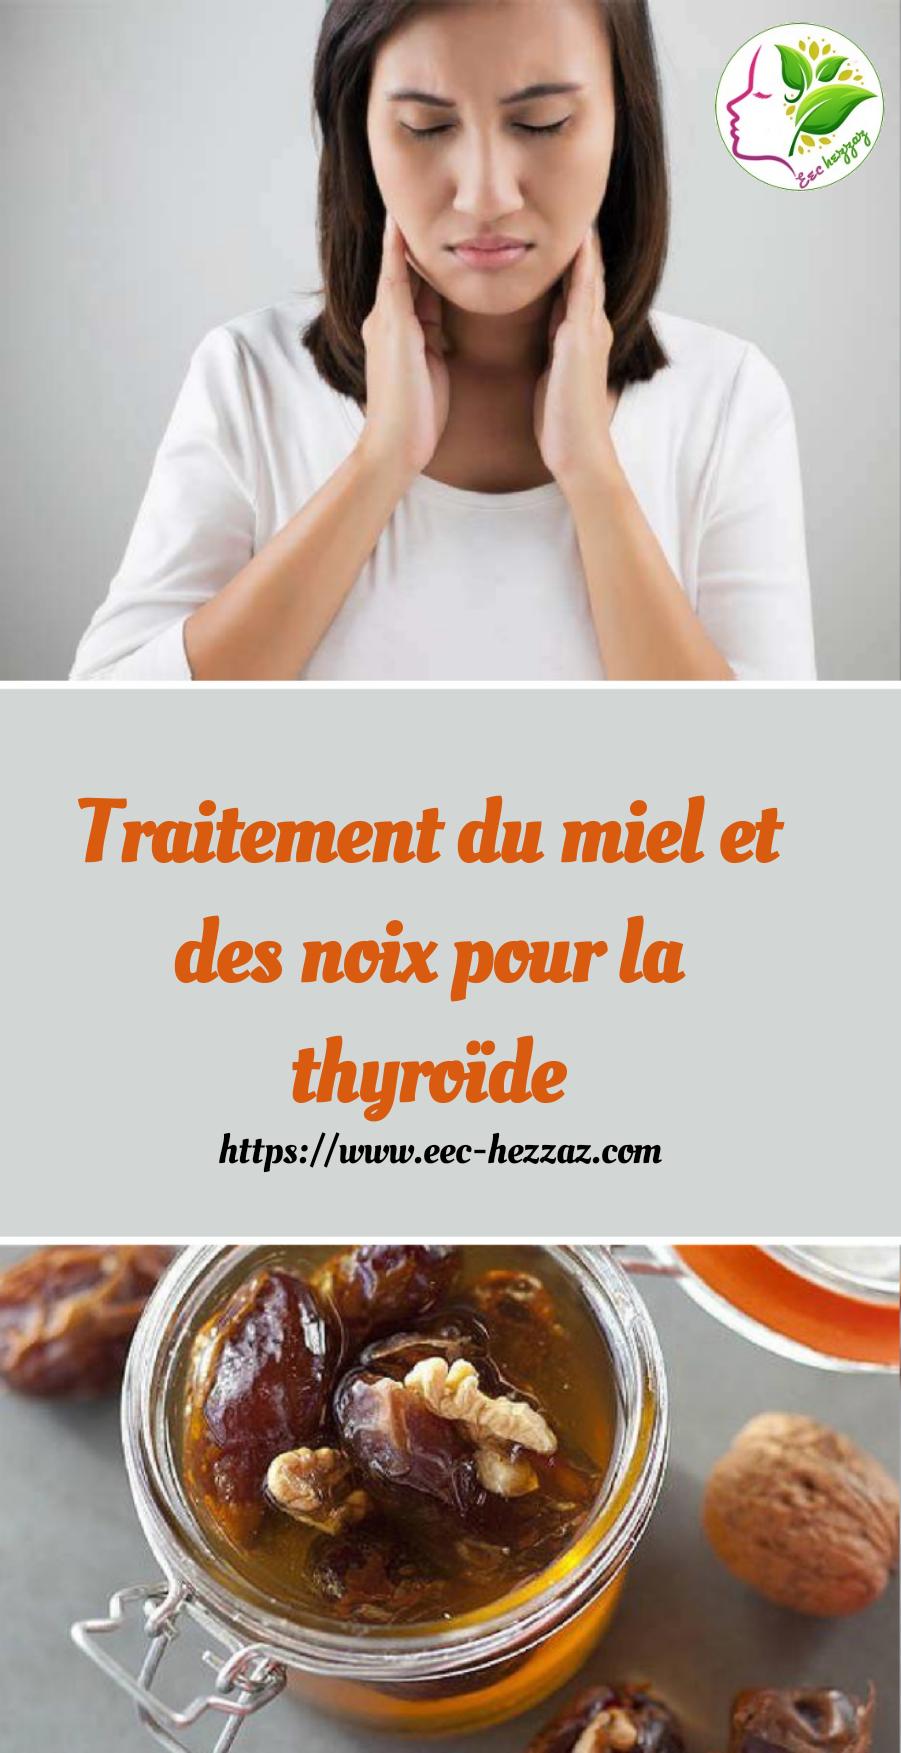 Traitement du miel et des noix pour la thyroïdeTraitement du miel et des noix pour la thyroïde